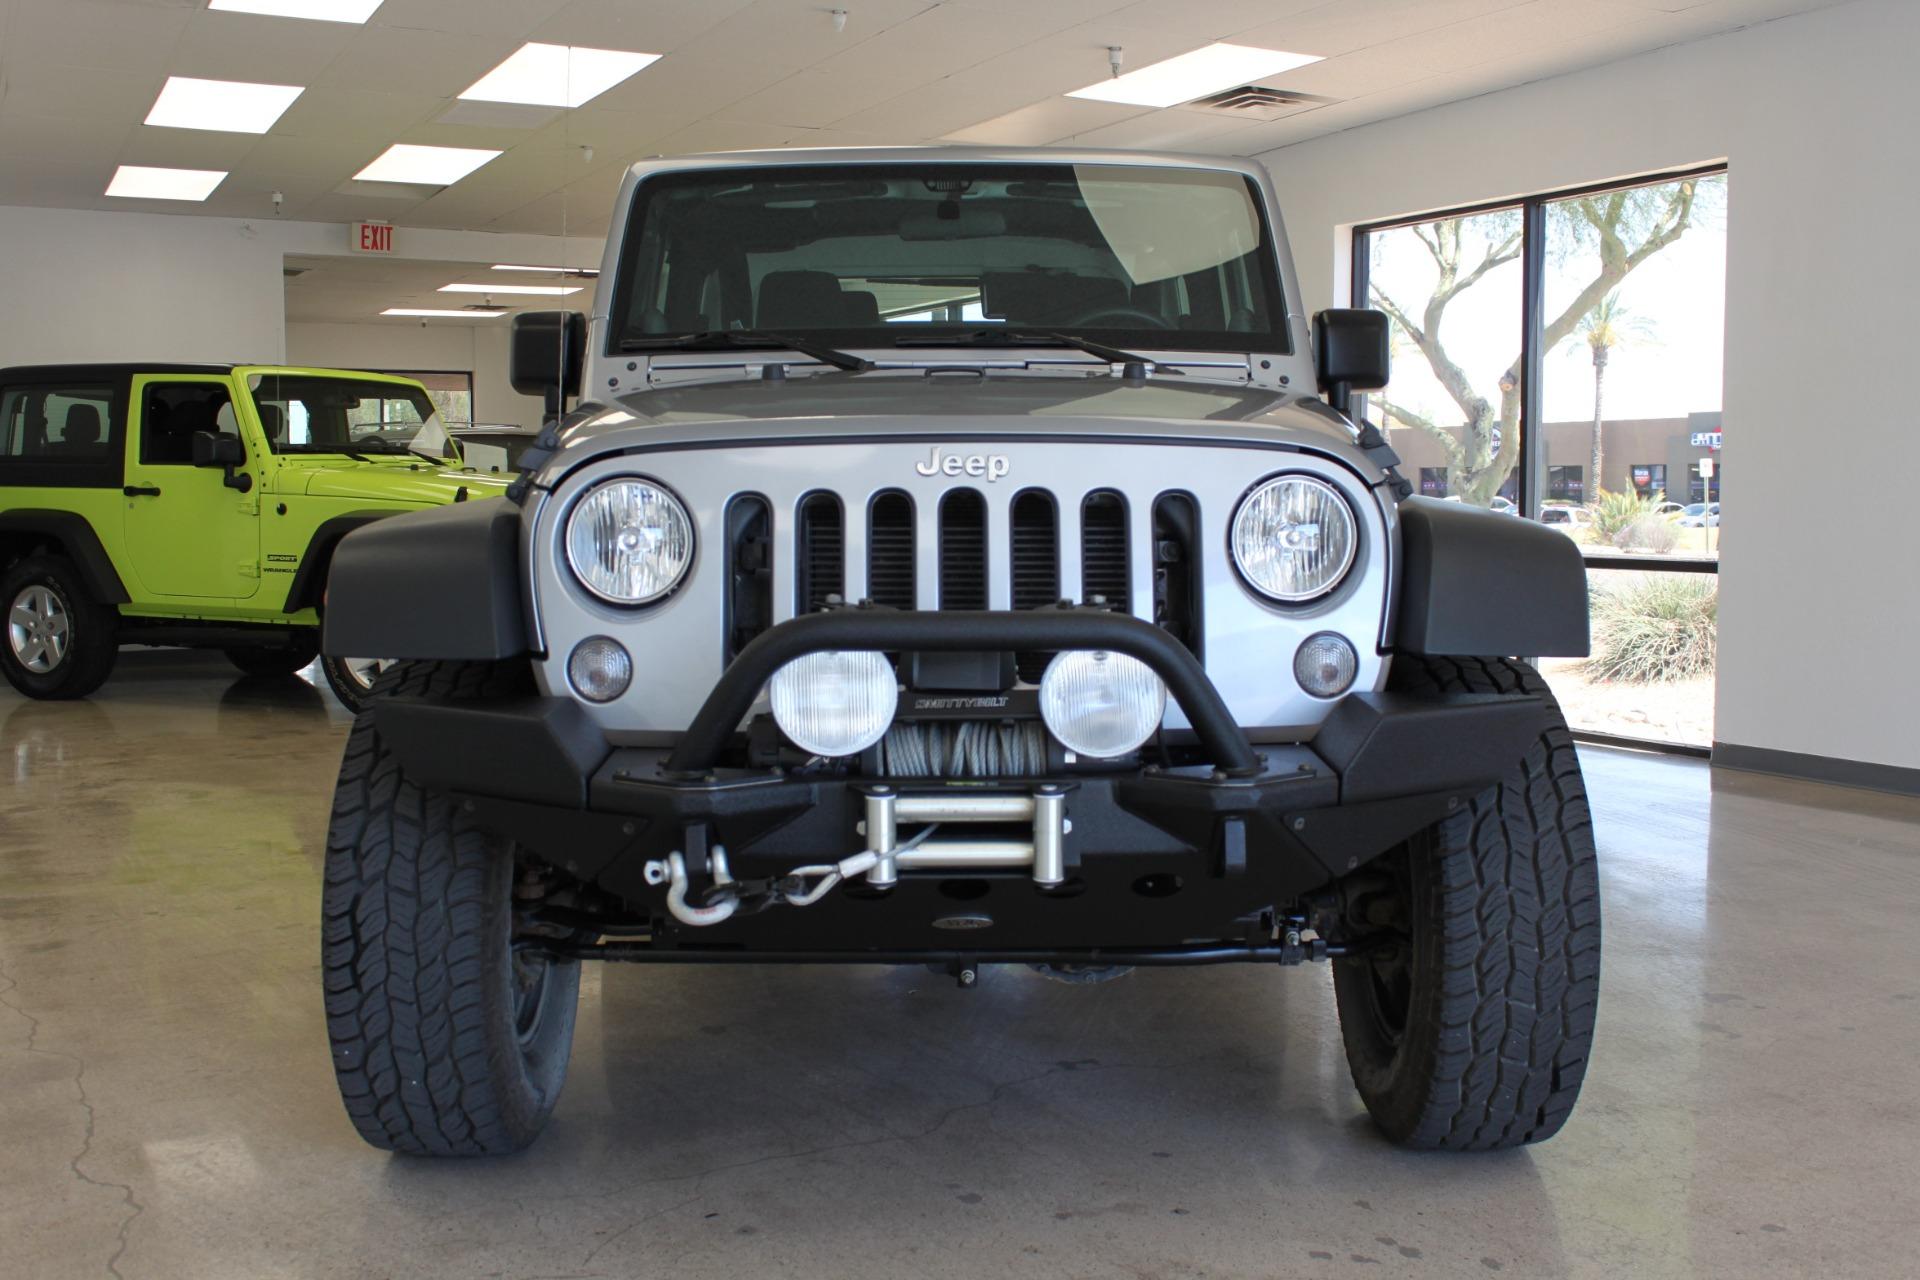 Used-2014-Jeep-Wrangler-Sport-4X4-Hard-Top-Wrangler